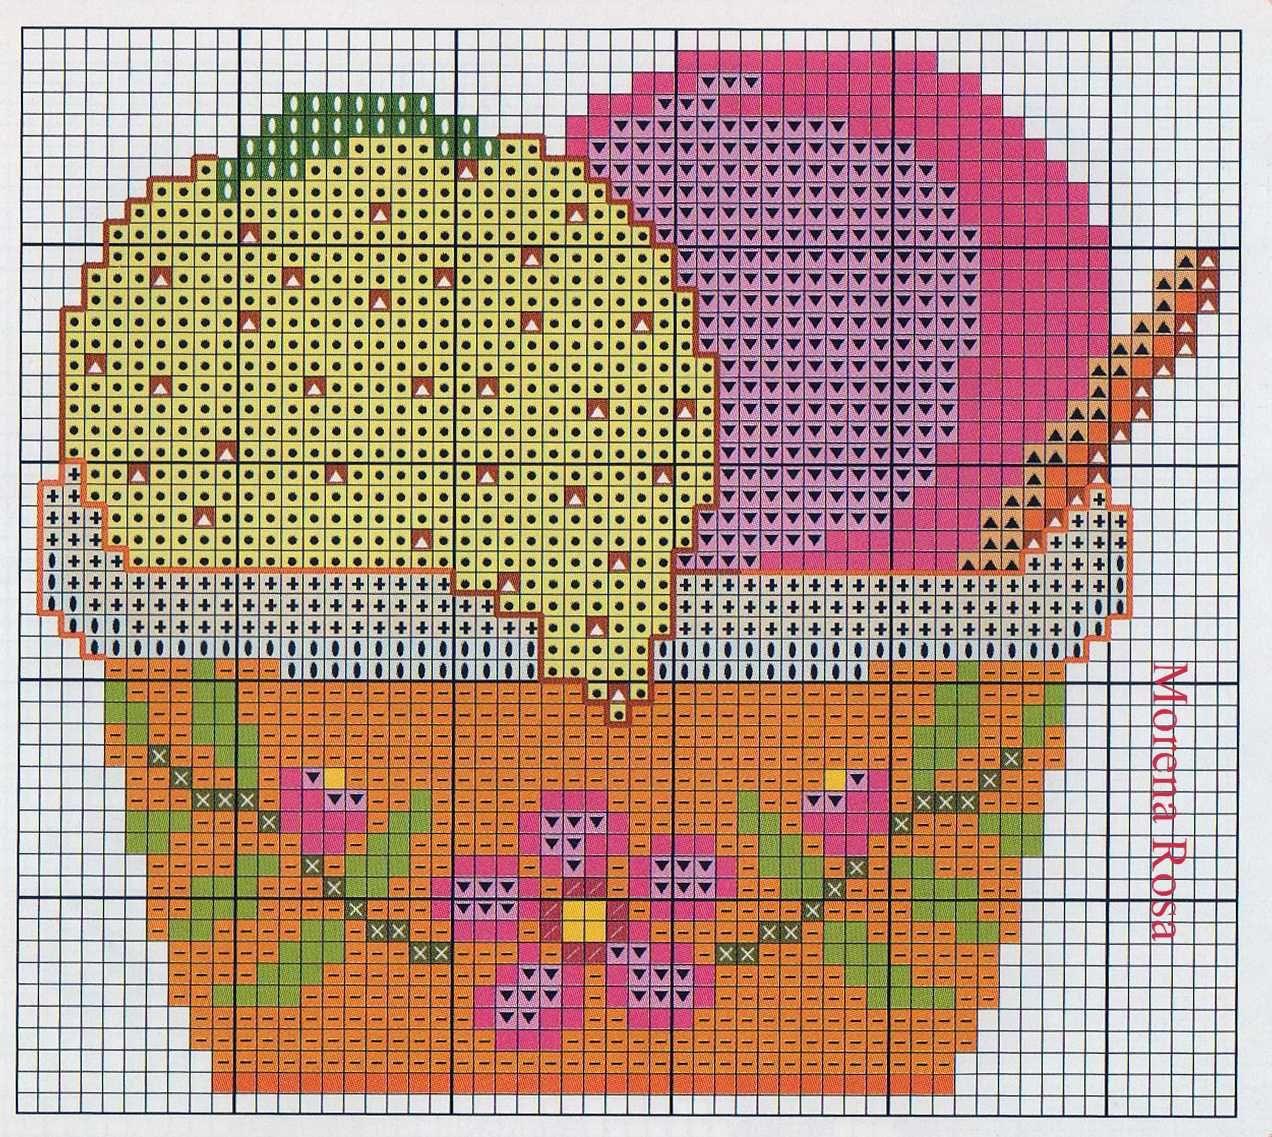 Semaninha sorvete13 1272 1137 vivipunto for Cocinas punto com